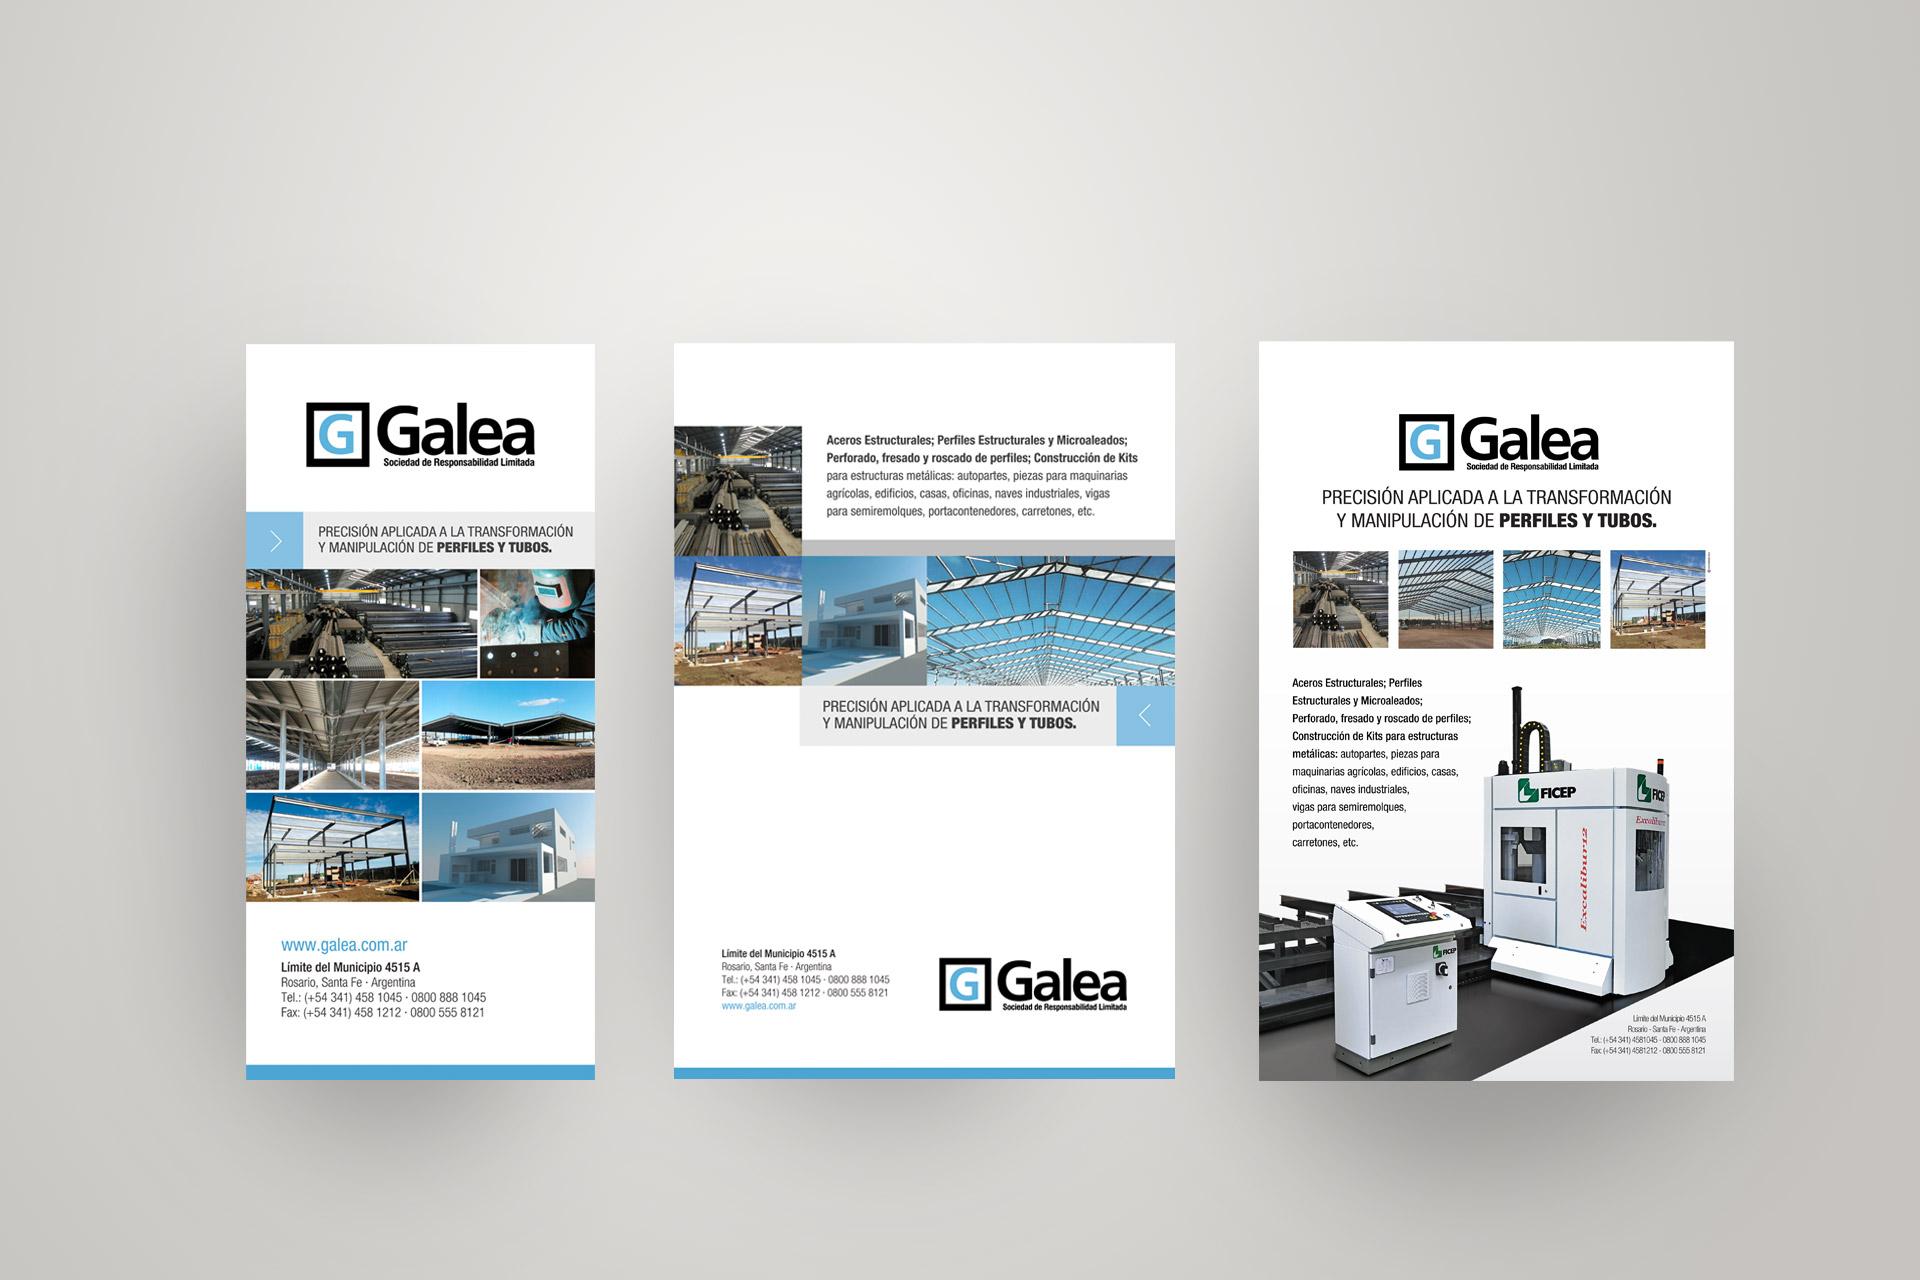 Galea (Avisos)